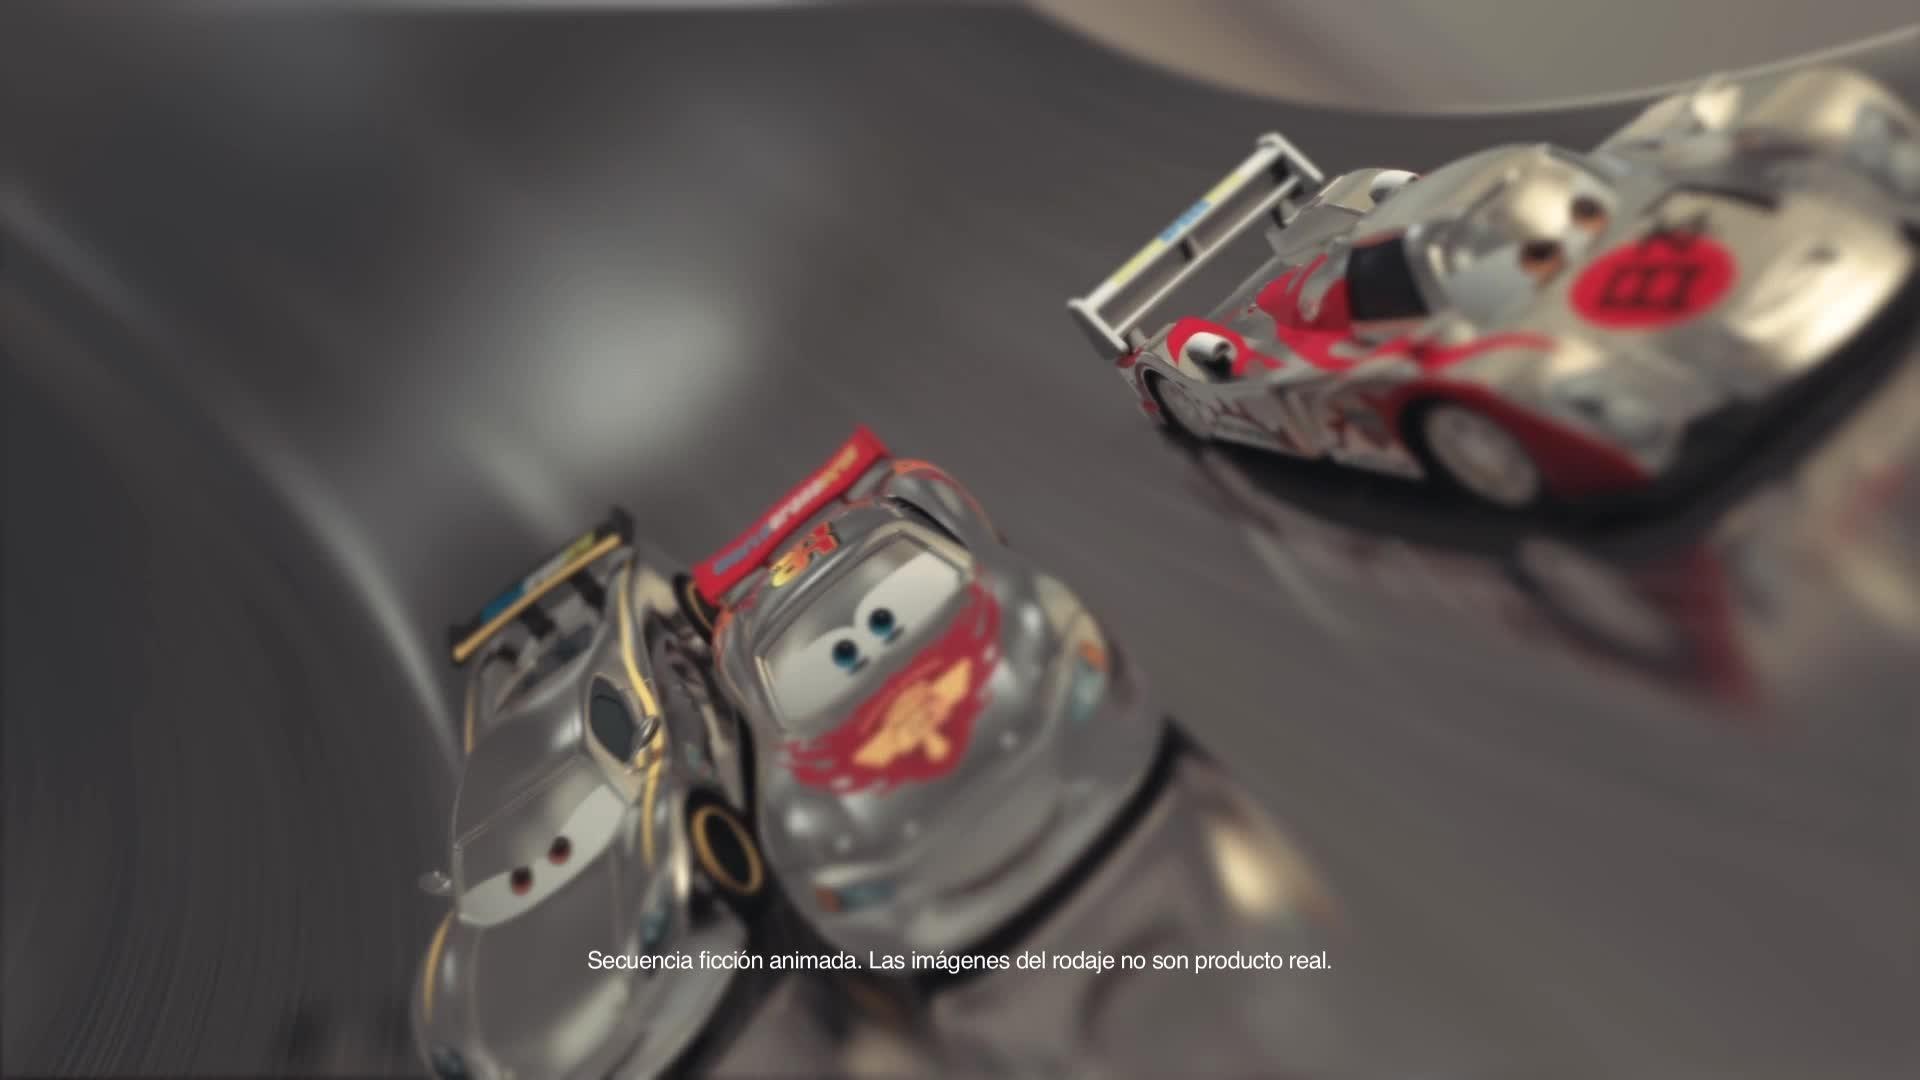 Cars - ddg - TheKitchen